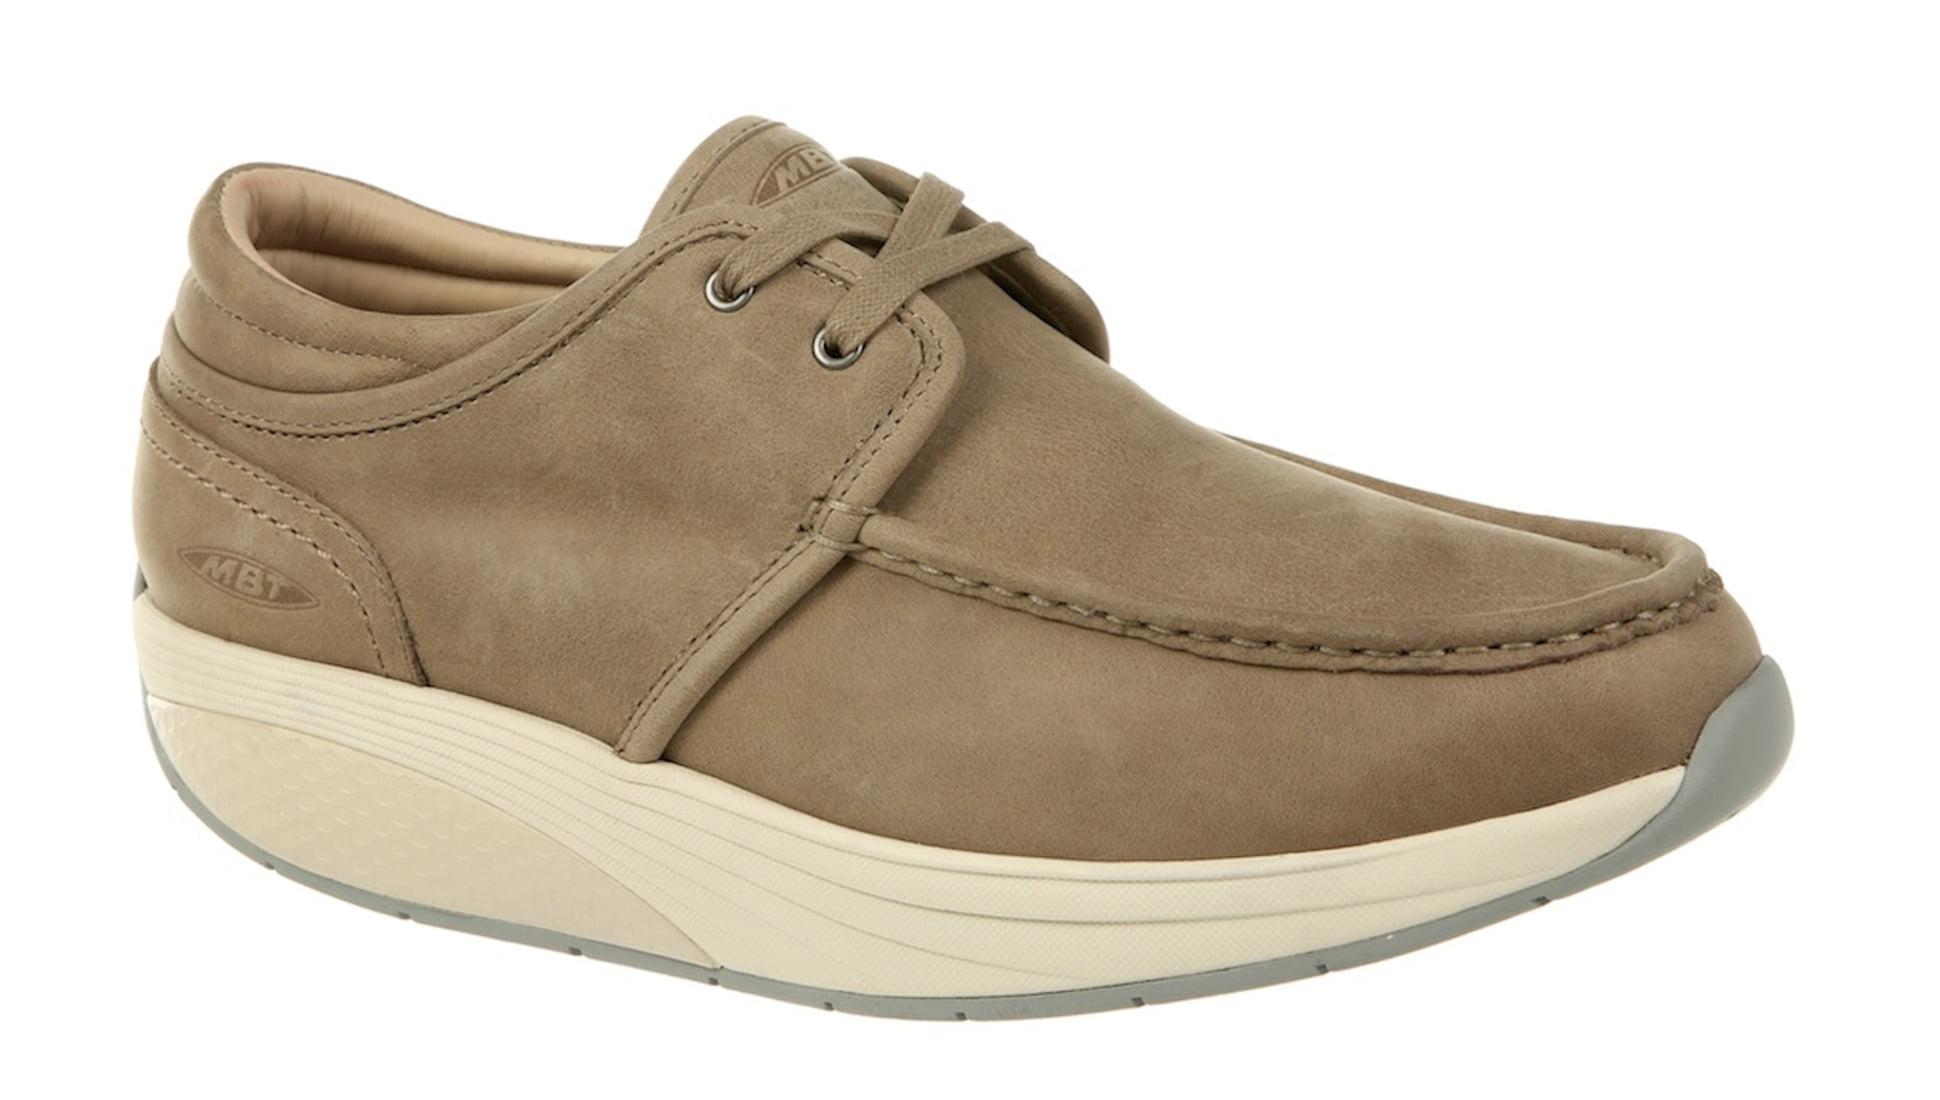 MBT Shoes Men's Kheri 6S Lace Up Casual Shoe: 7 Medium (D) Taupe/Grey Lace Up